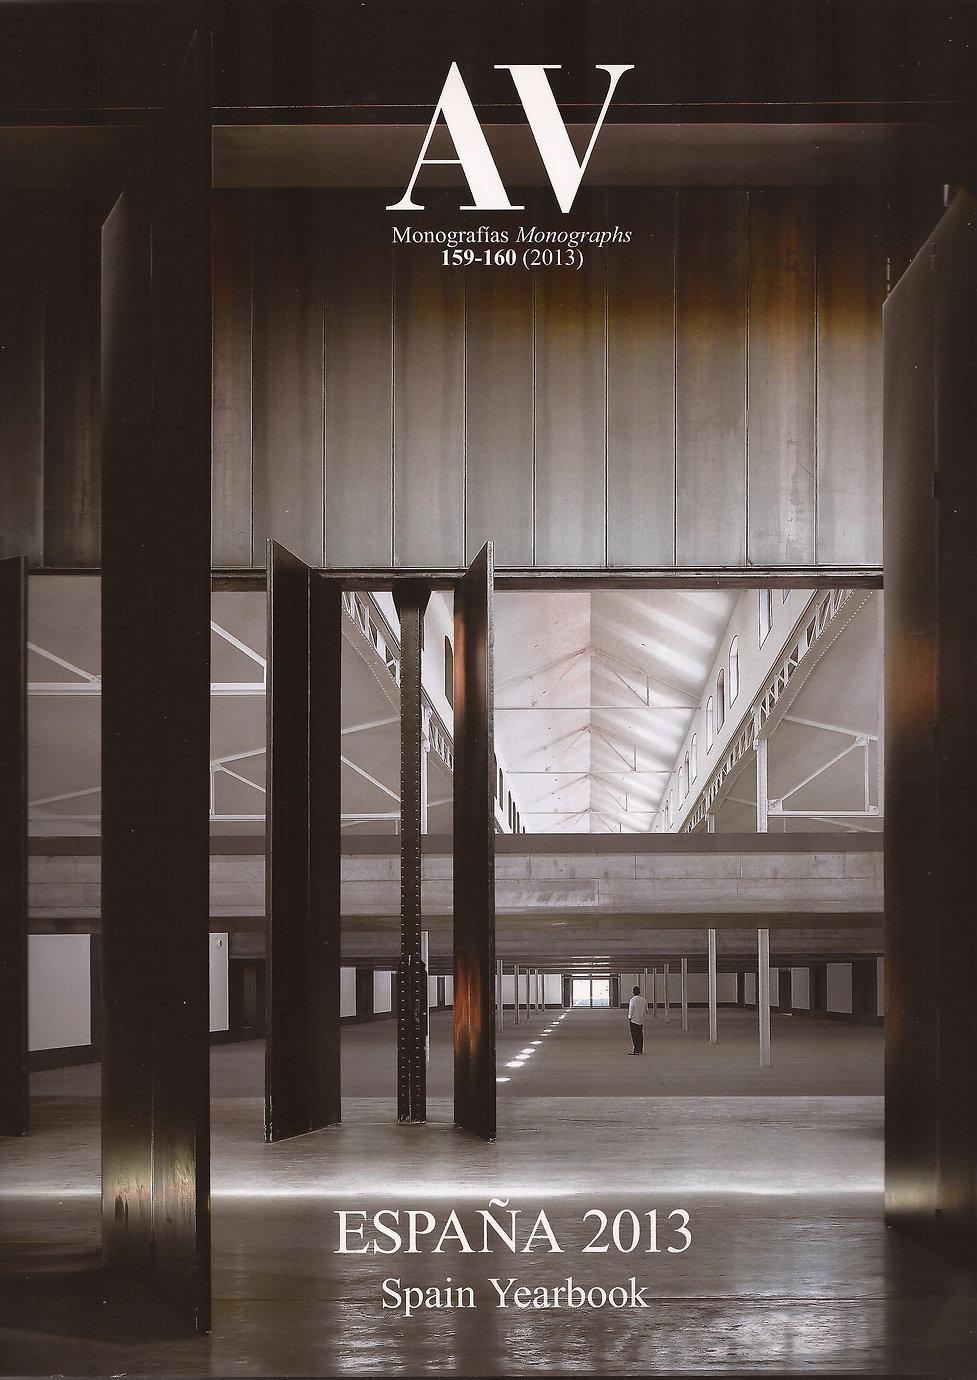 ENSAMBLE STUDIO AV SPAIN 2013 YEARBOOK READER'S HOUSE